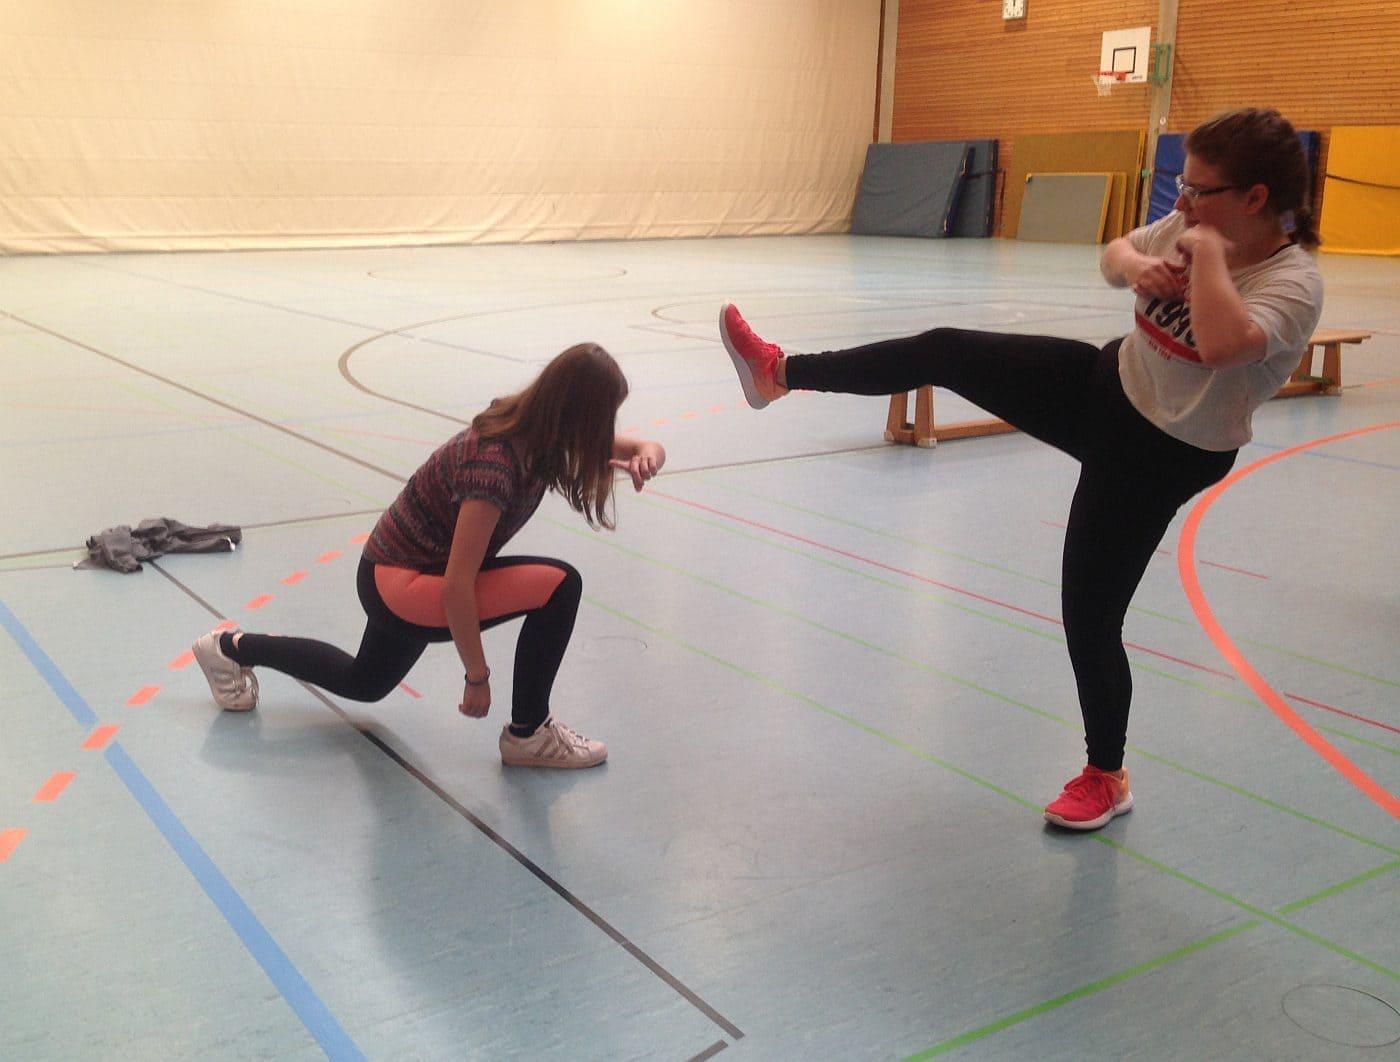 Wie Tanzen und Kämpfen zusammenpassen: Die brasilianische Kampfkunst Capoeira